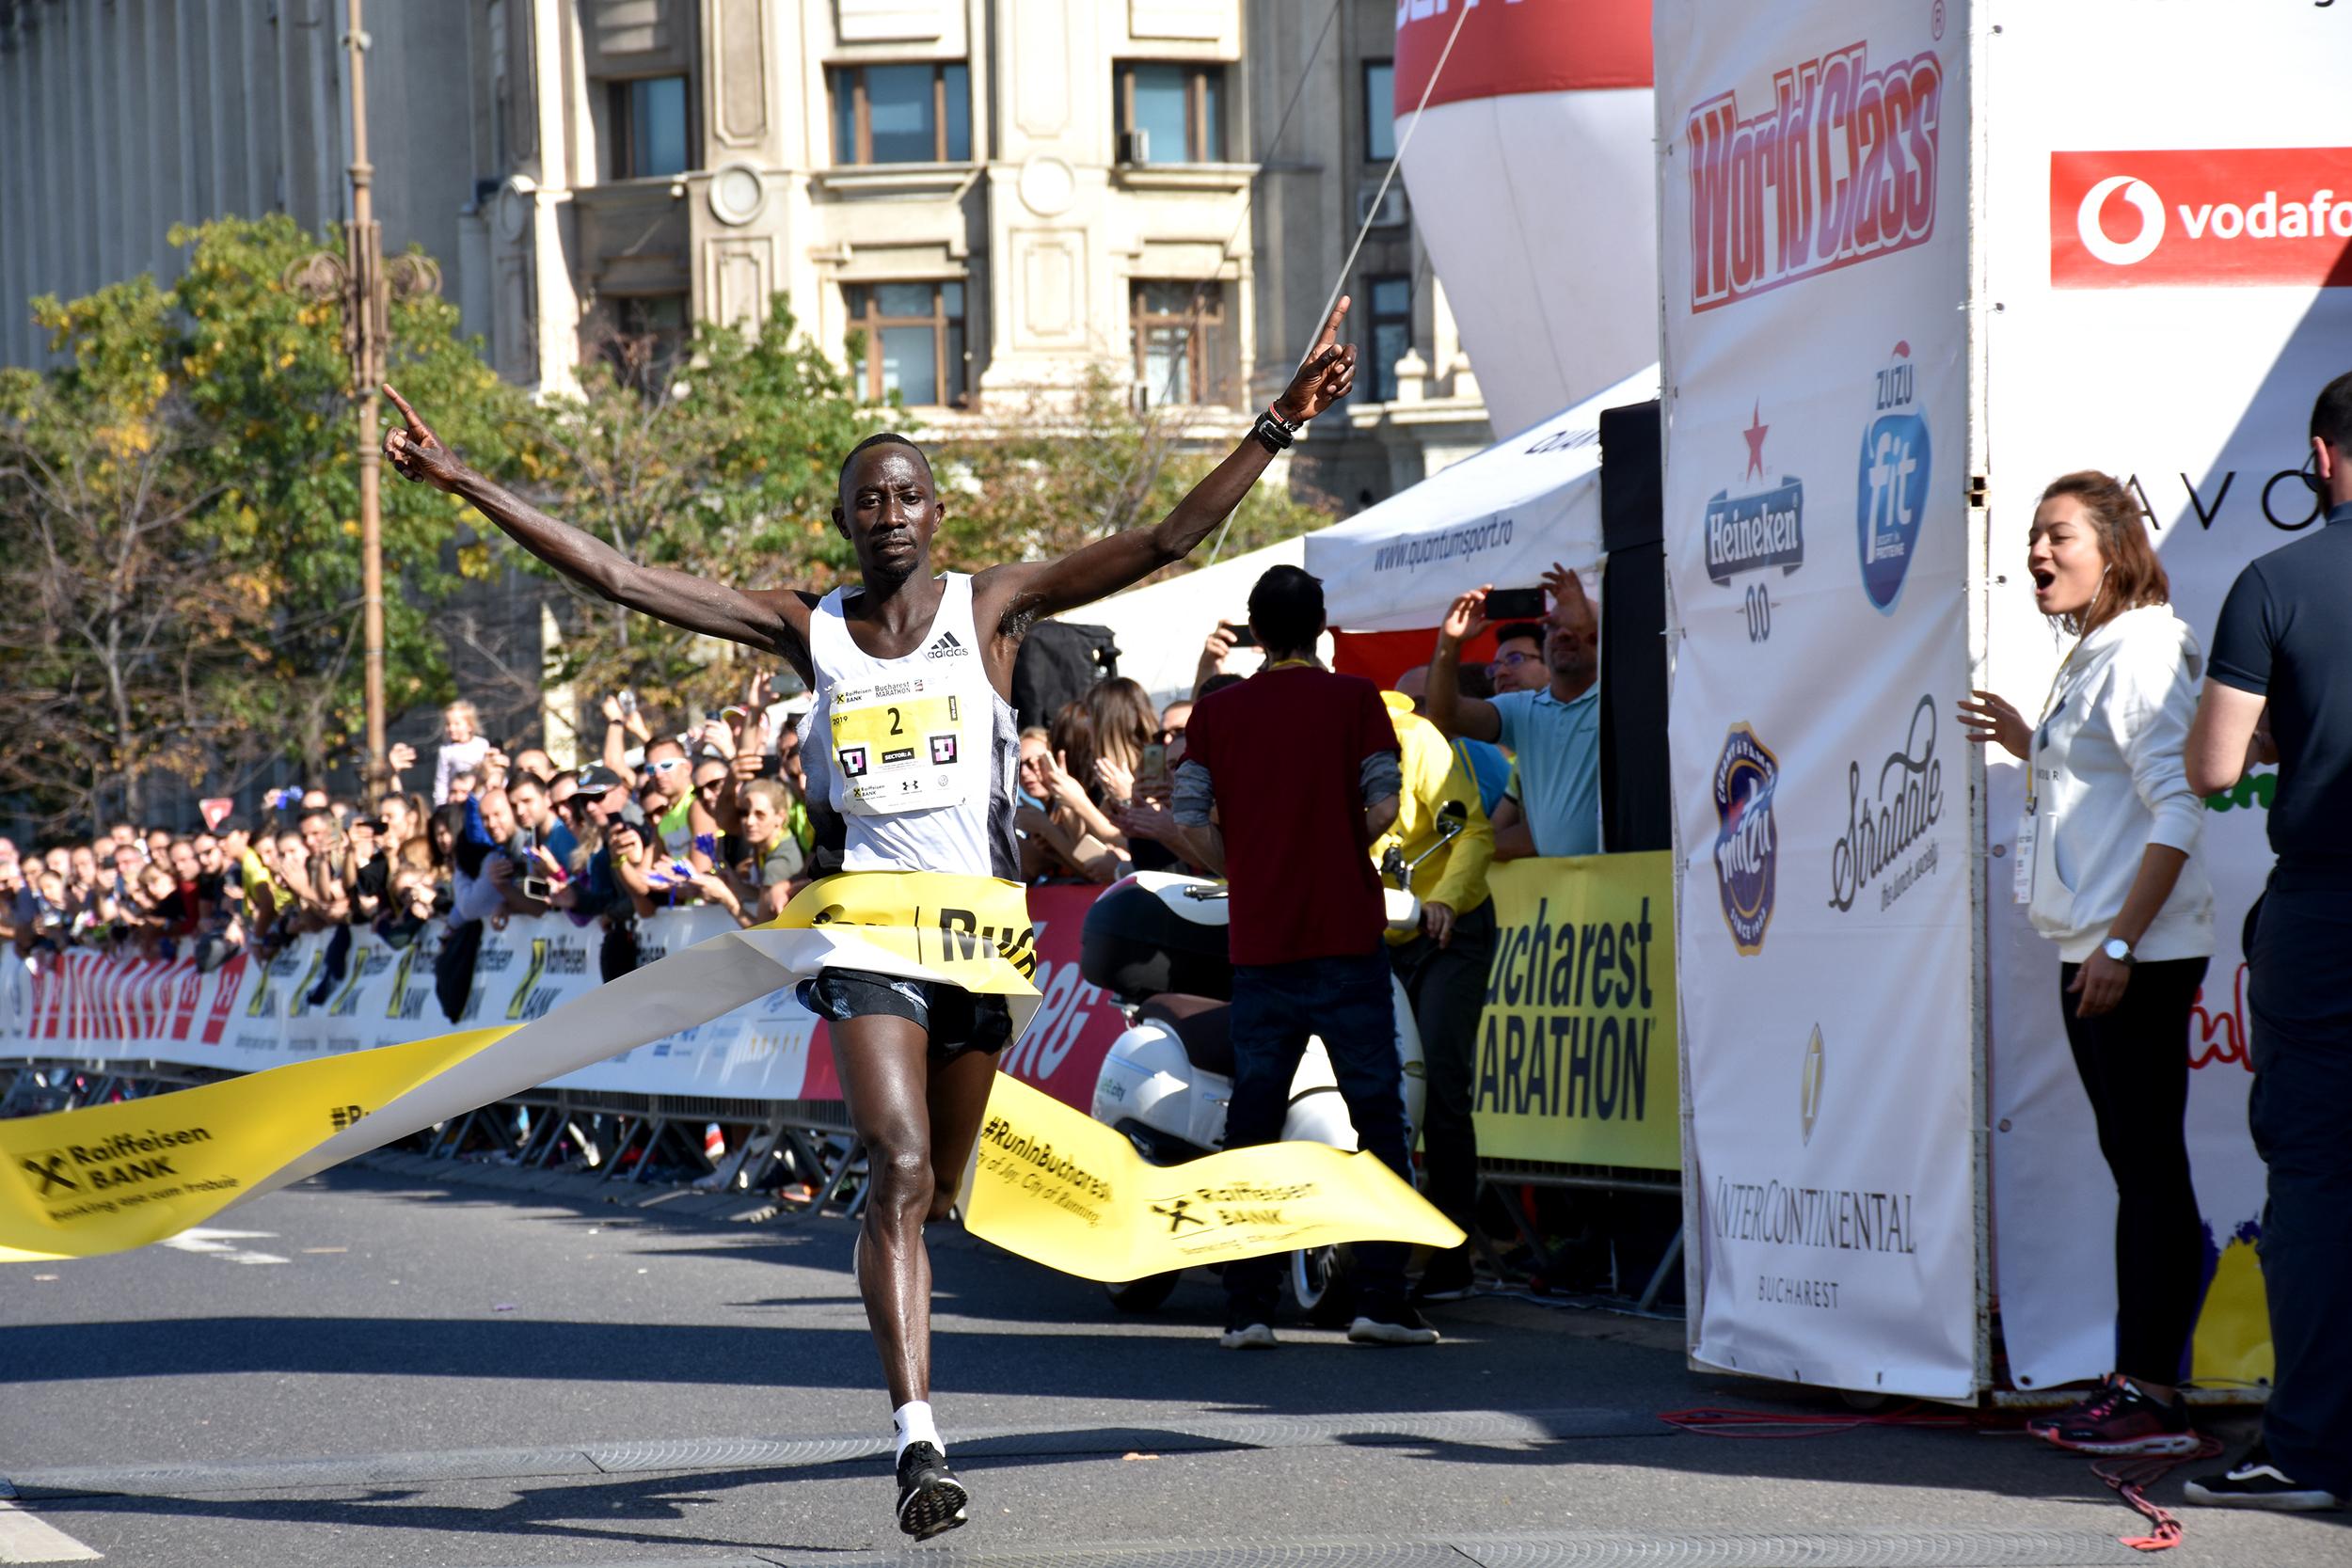 Maratonul București 2019 - câștigător Hosea Kipkembo